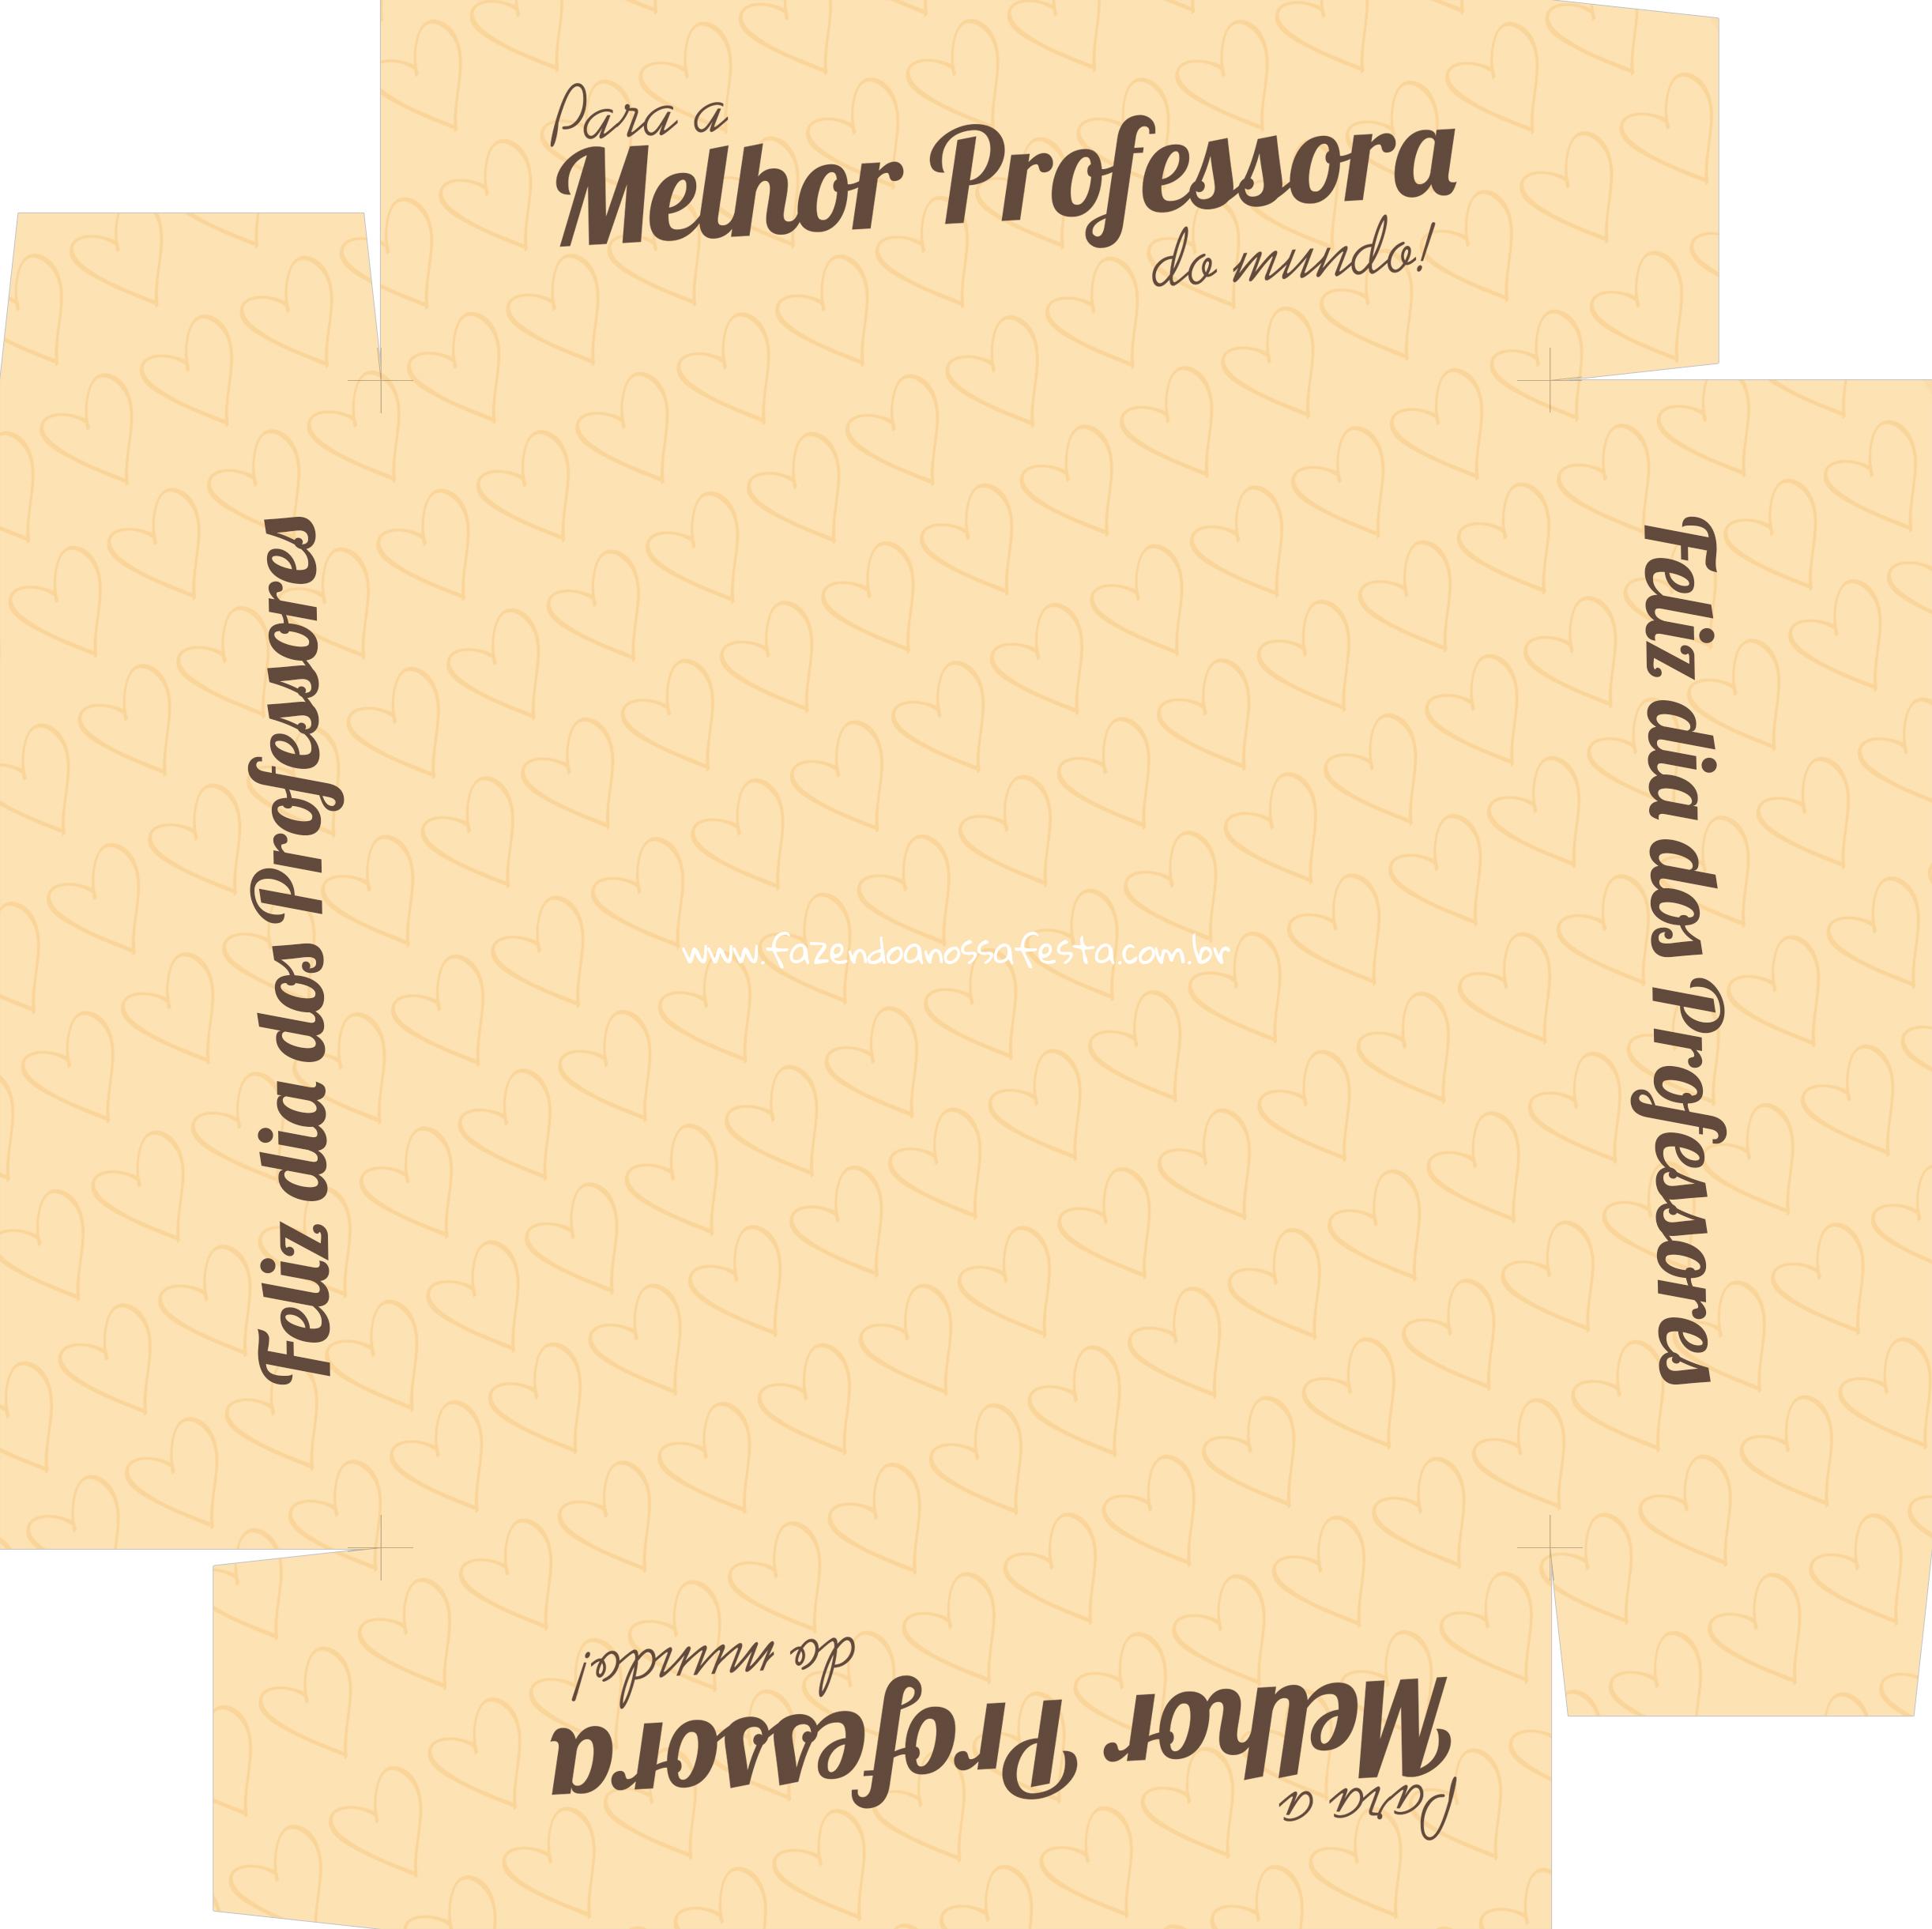 Caixa de Bombom Dia dos Professores Melhor Professora Coruja Amarelo - Fundo